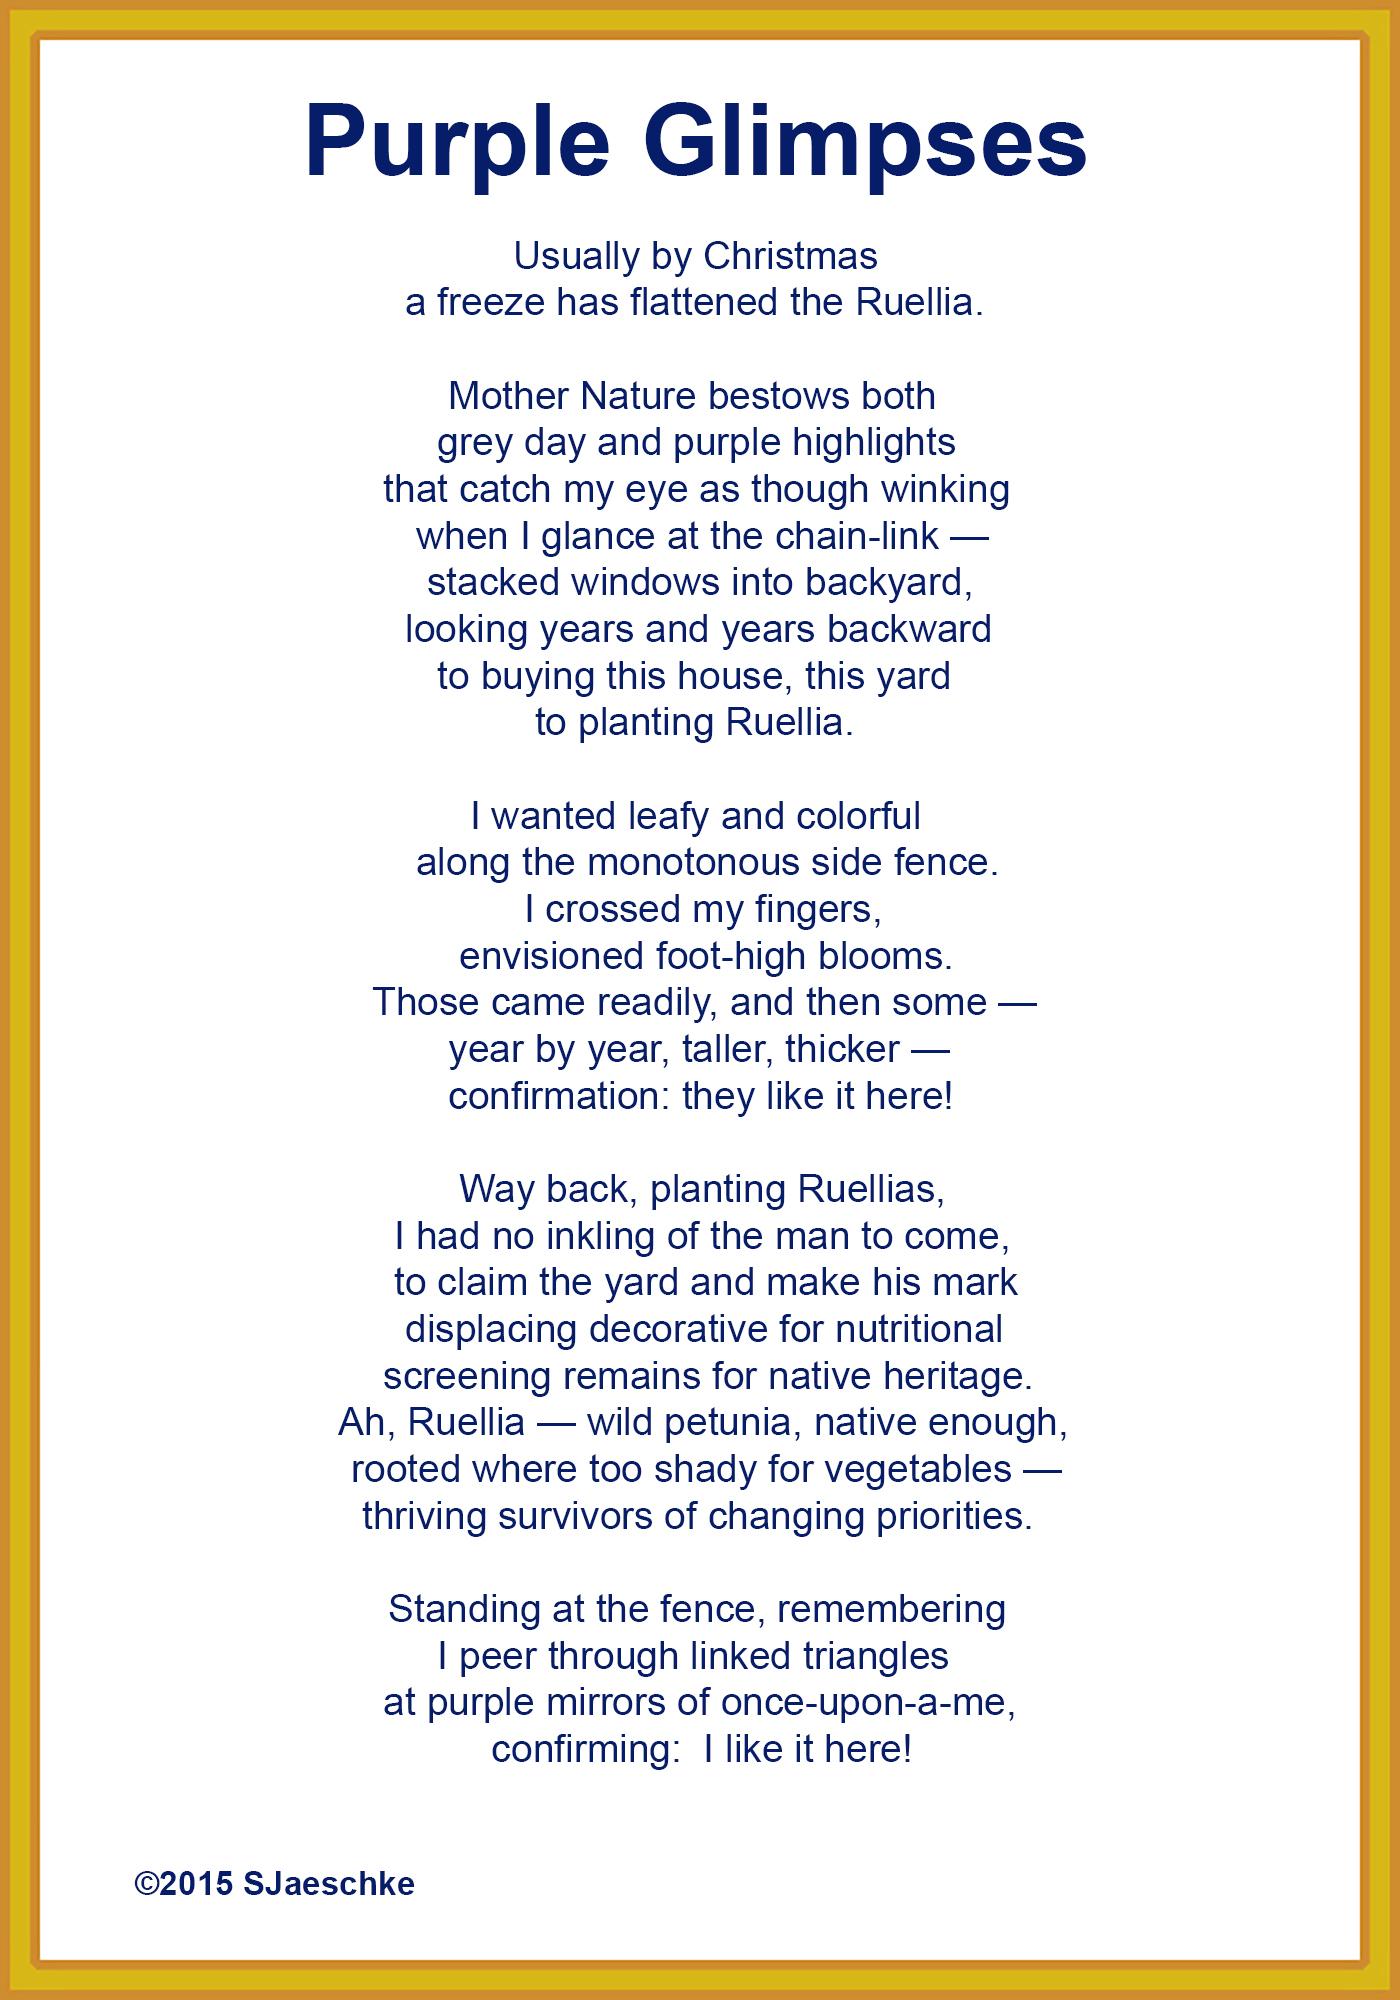 Post_2015-12-25_Poem_PurpleGlimpses